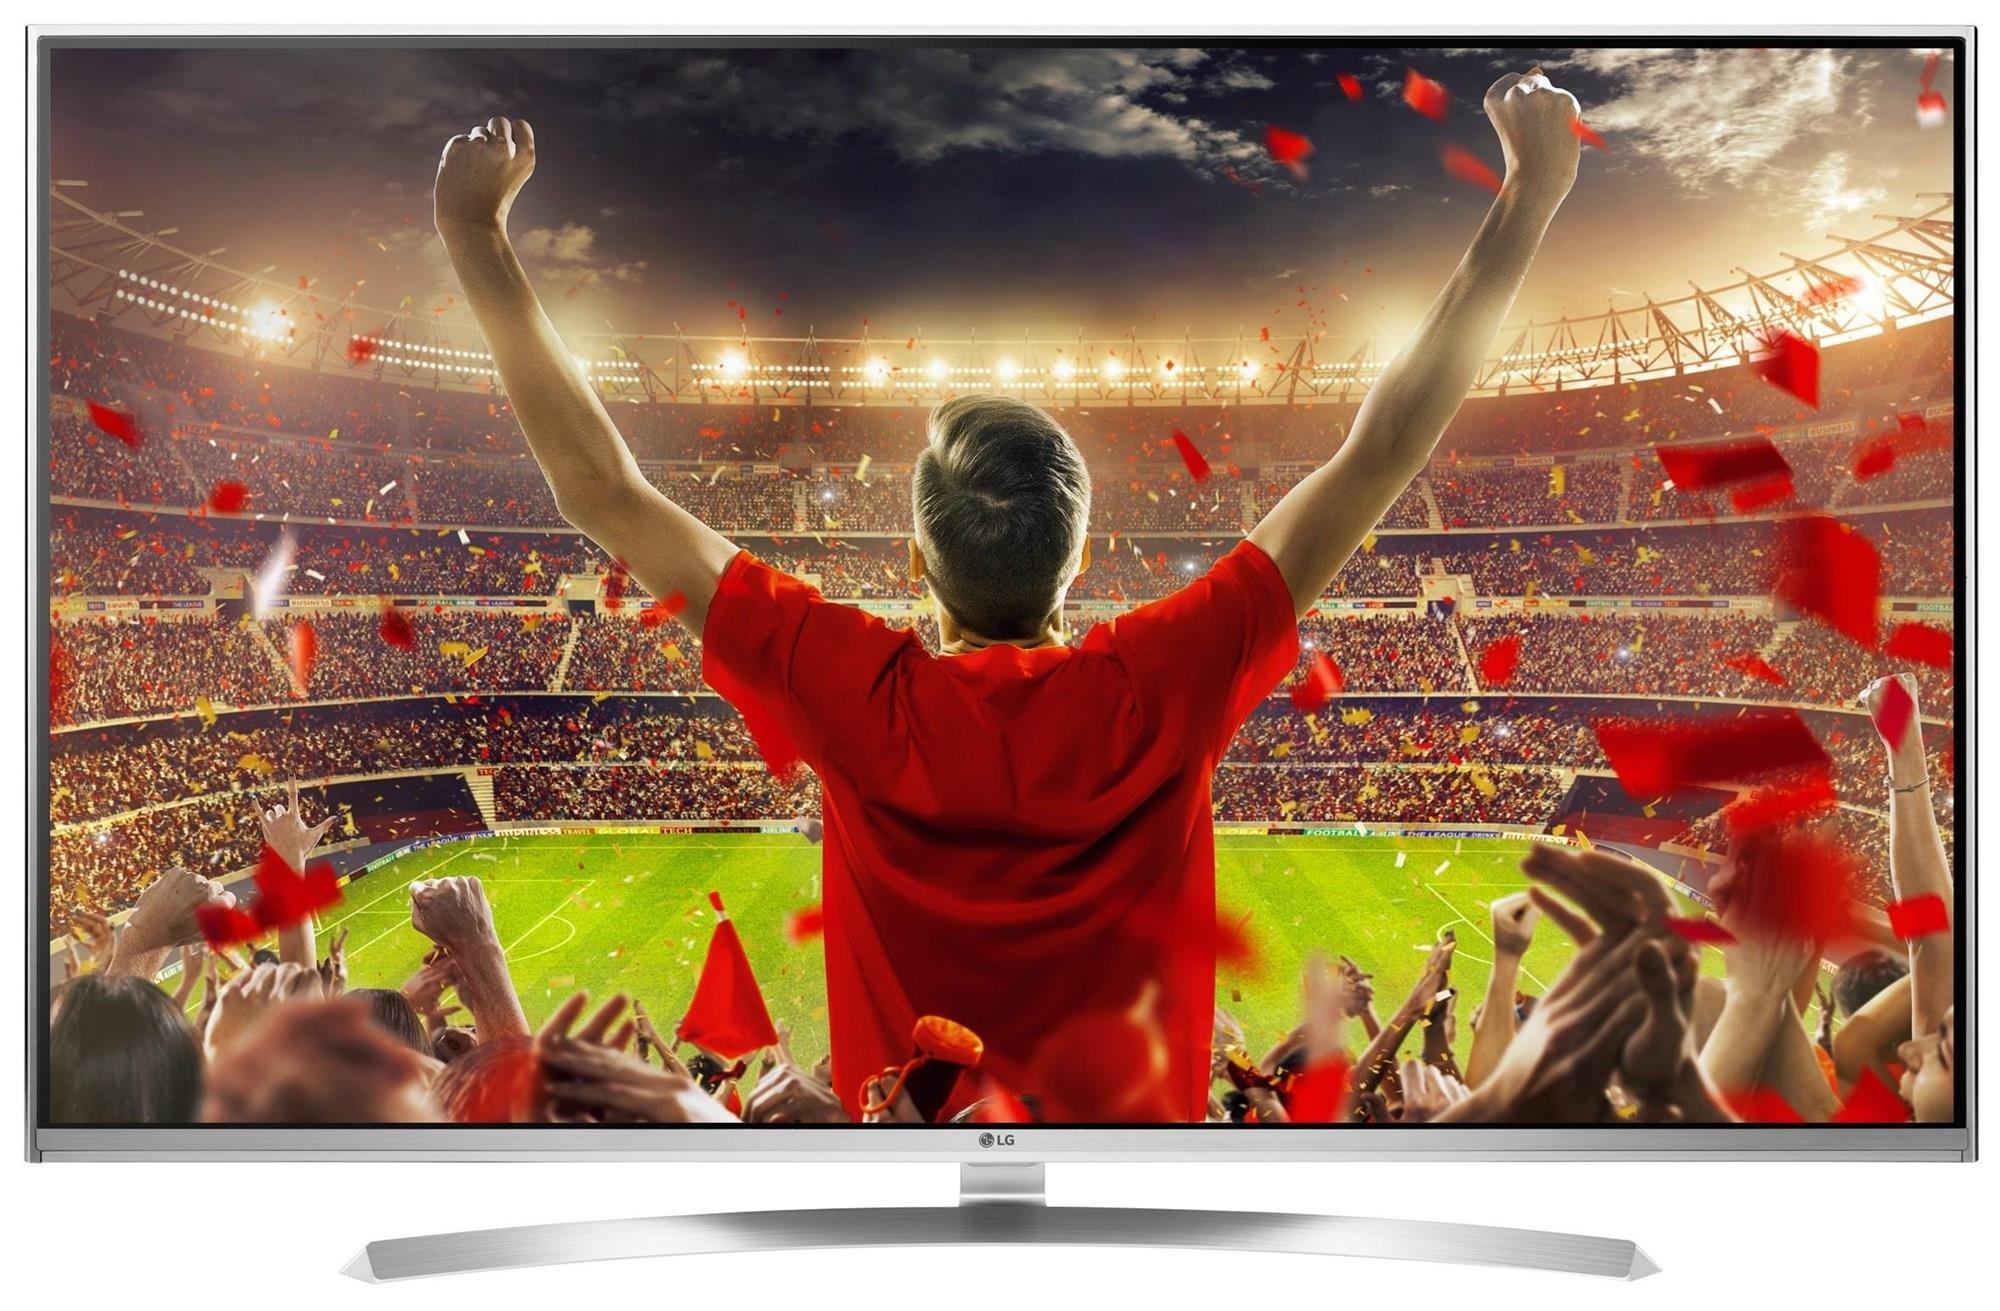 LG 55UH7707 LED TV 139.7 cm (55